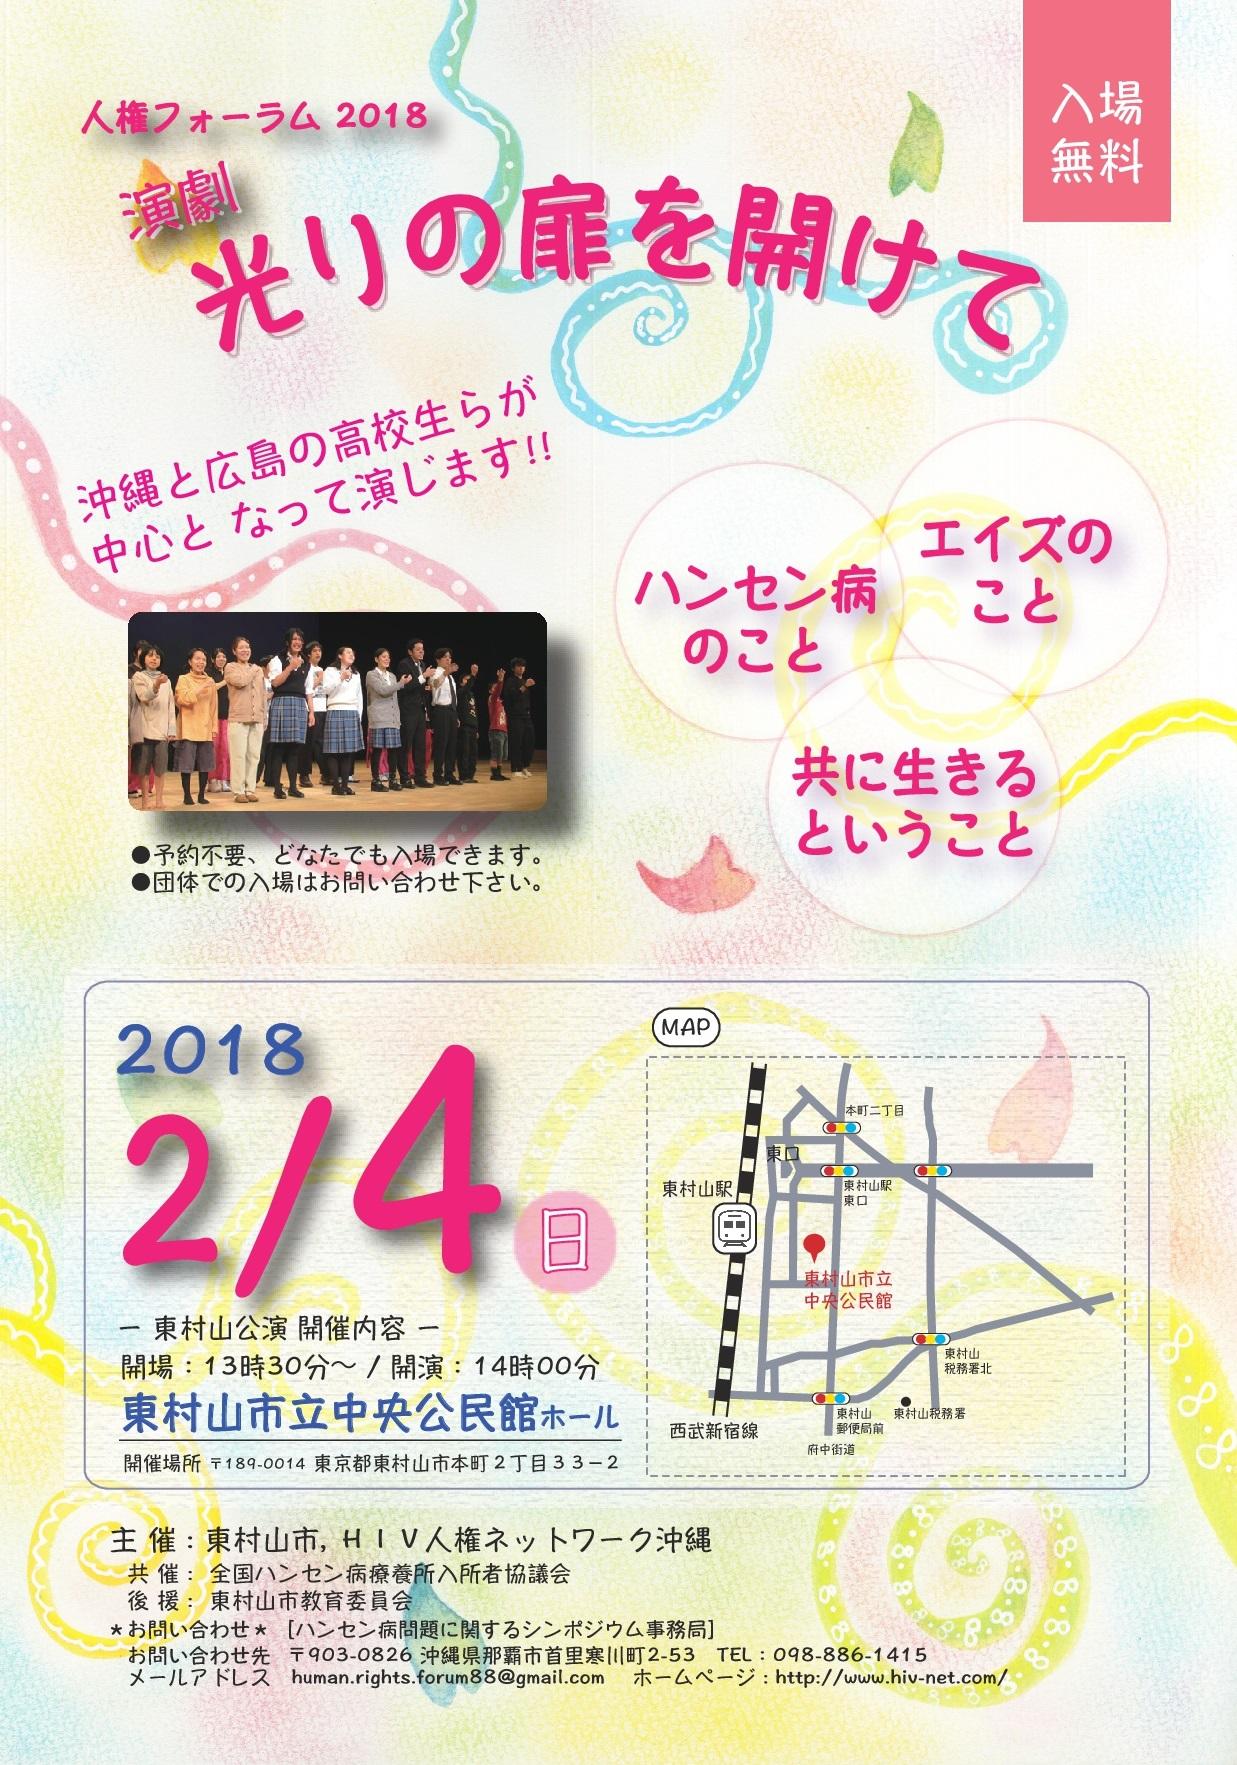 2月4日、東村山市の公演